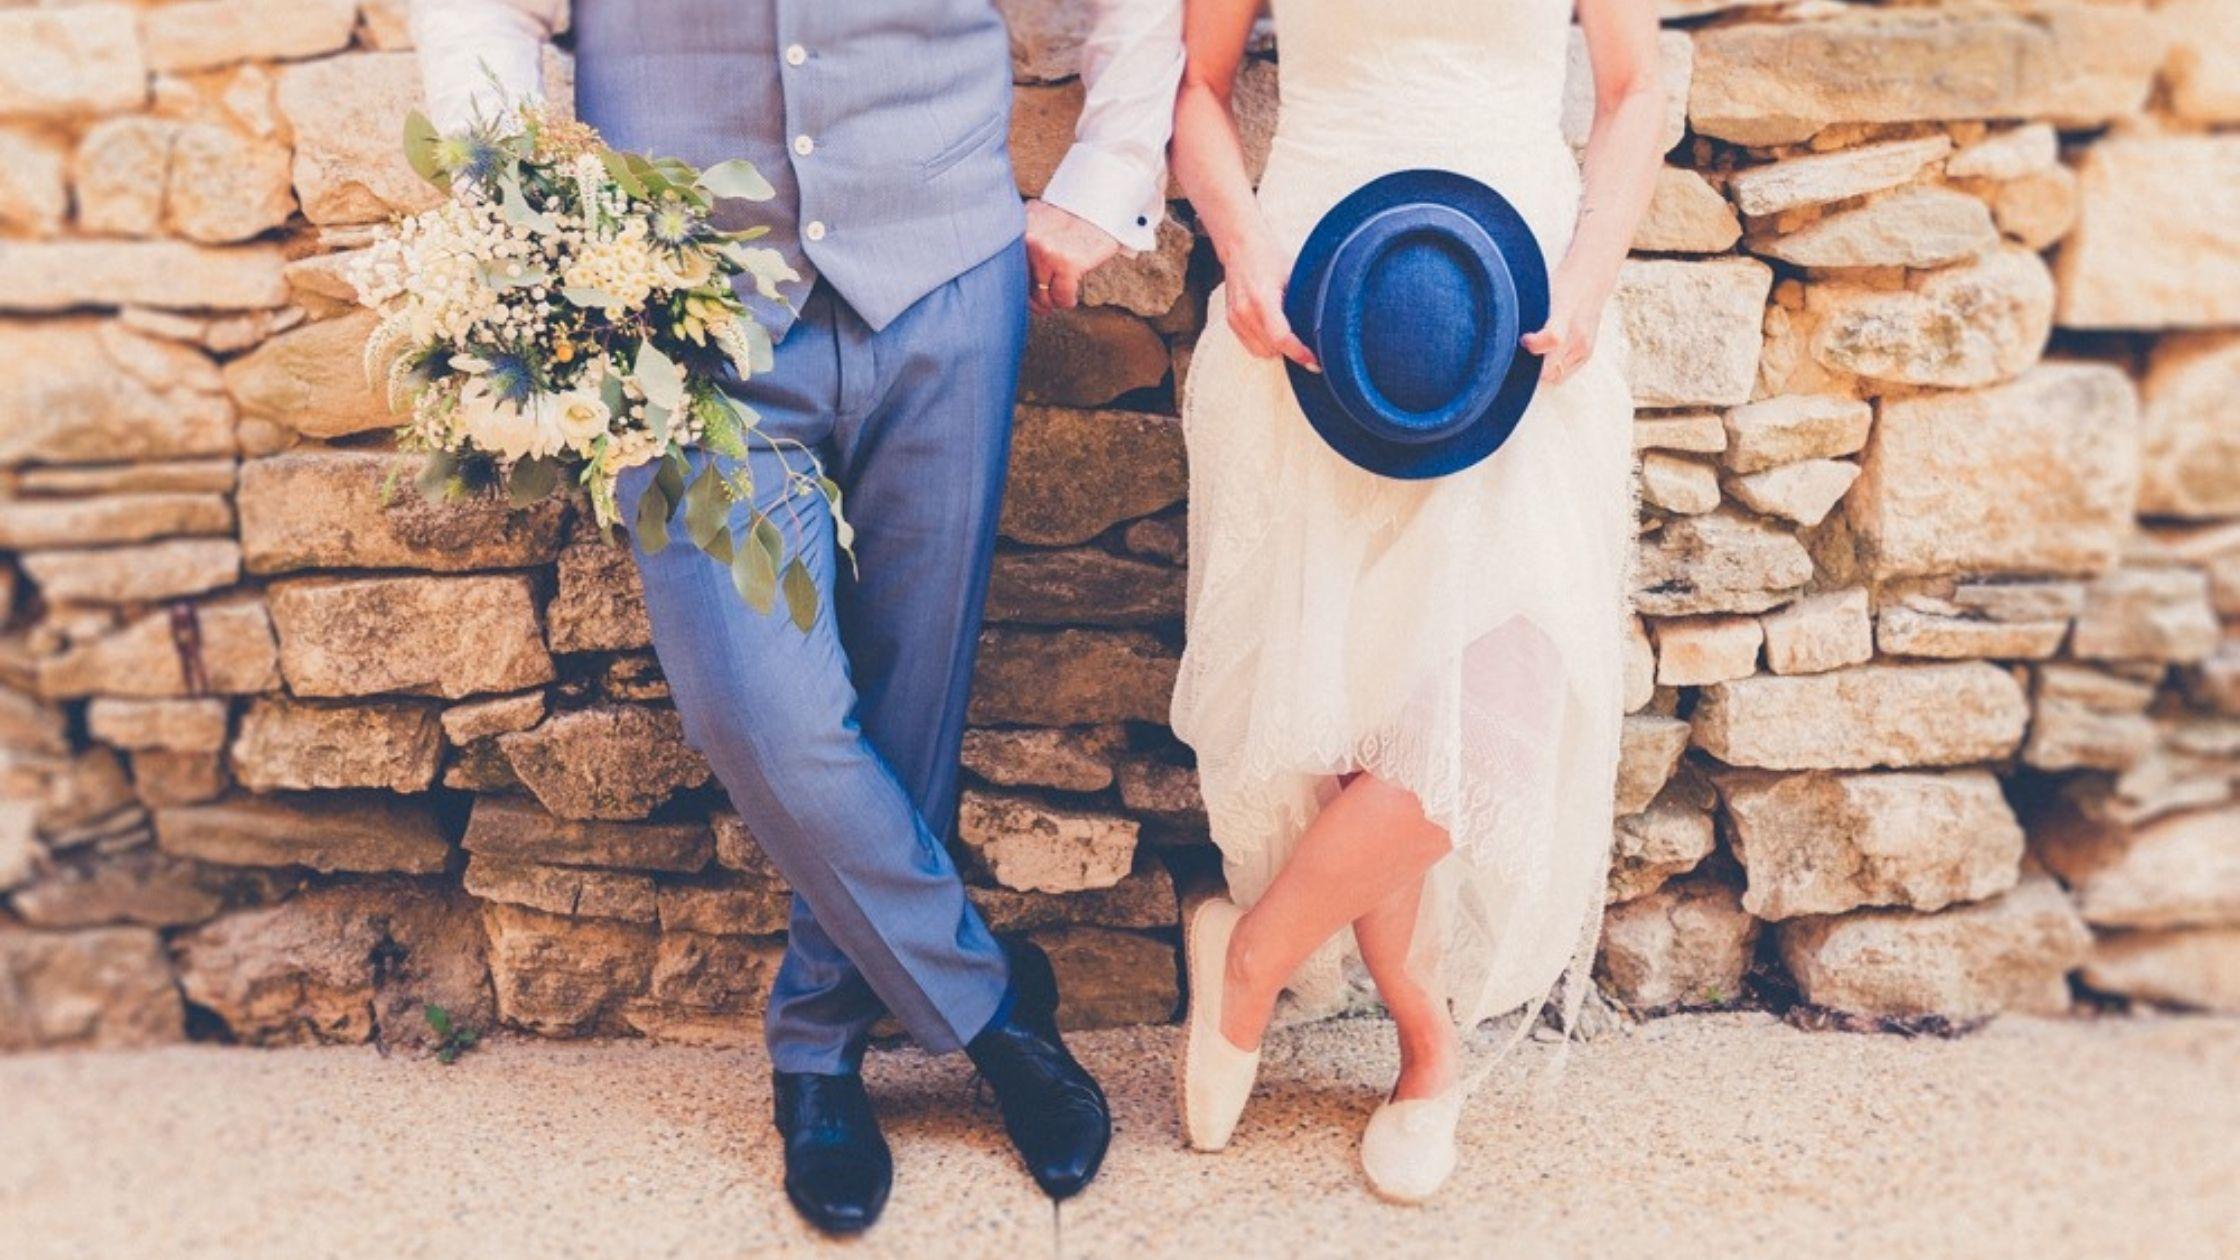 Mariage vintage : Retour dans le passé ! - Crédit photo Med Bleu citron prod www.bleucitronprod.fr